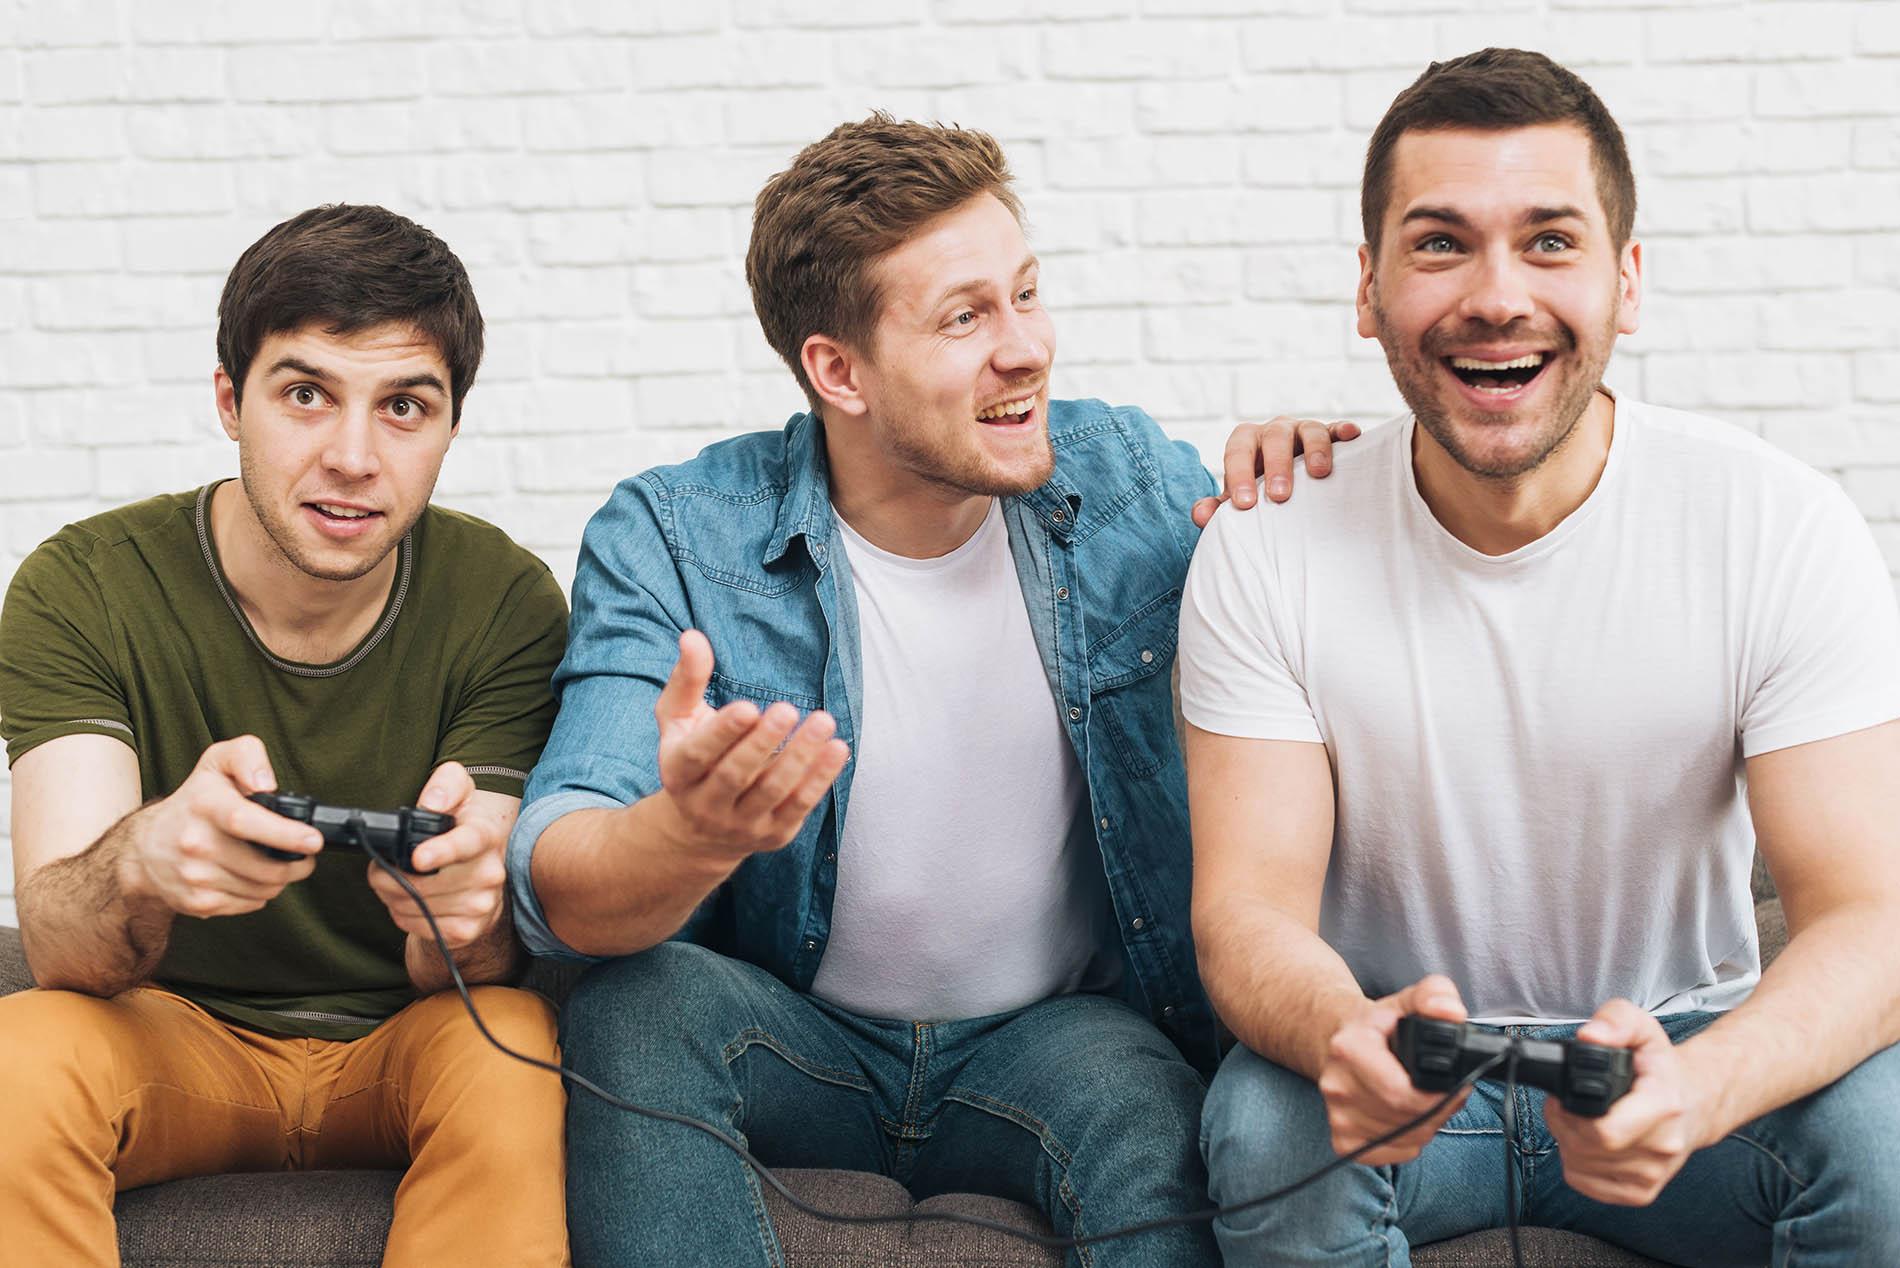 espaço no relacionamento_três homens jogando videogame